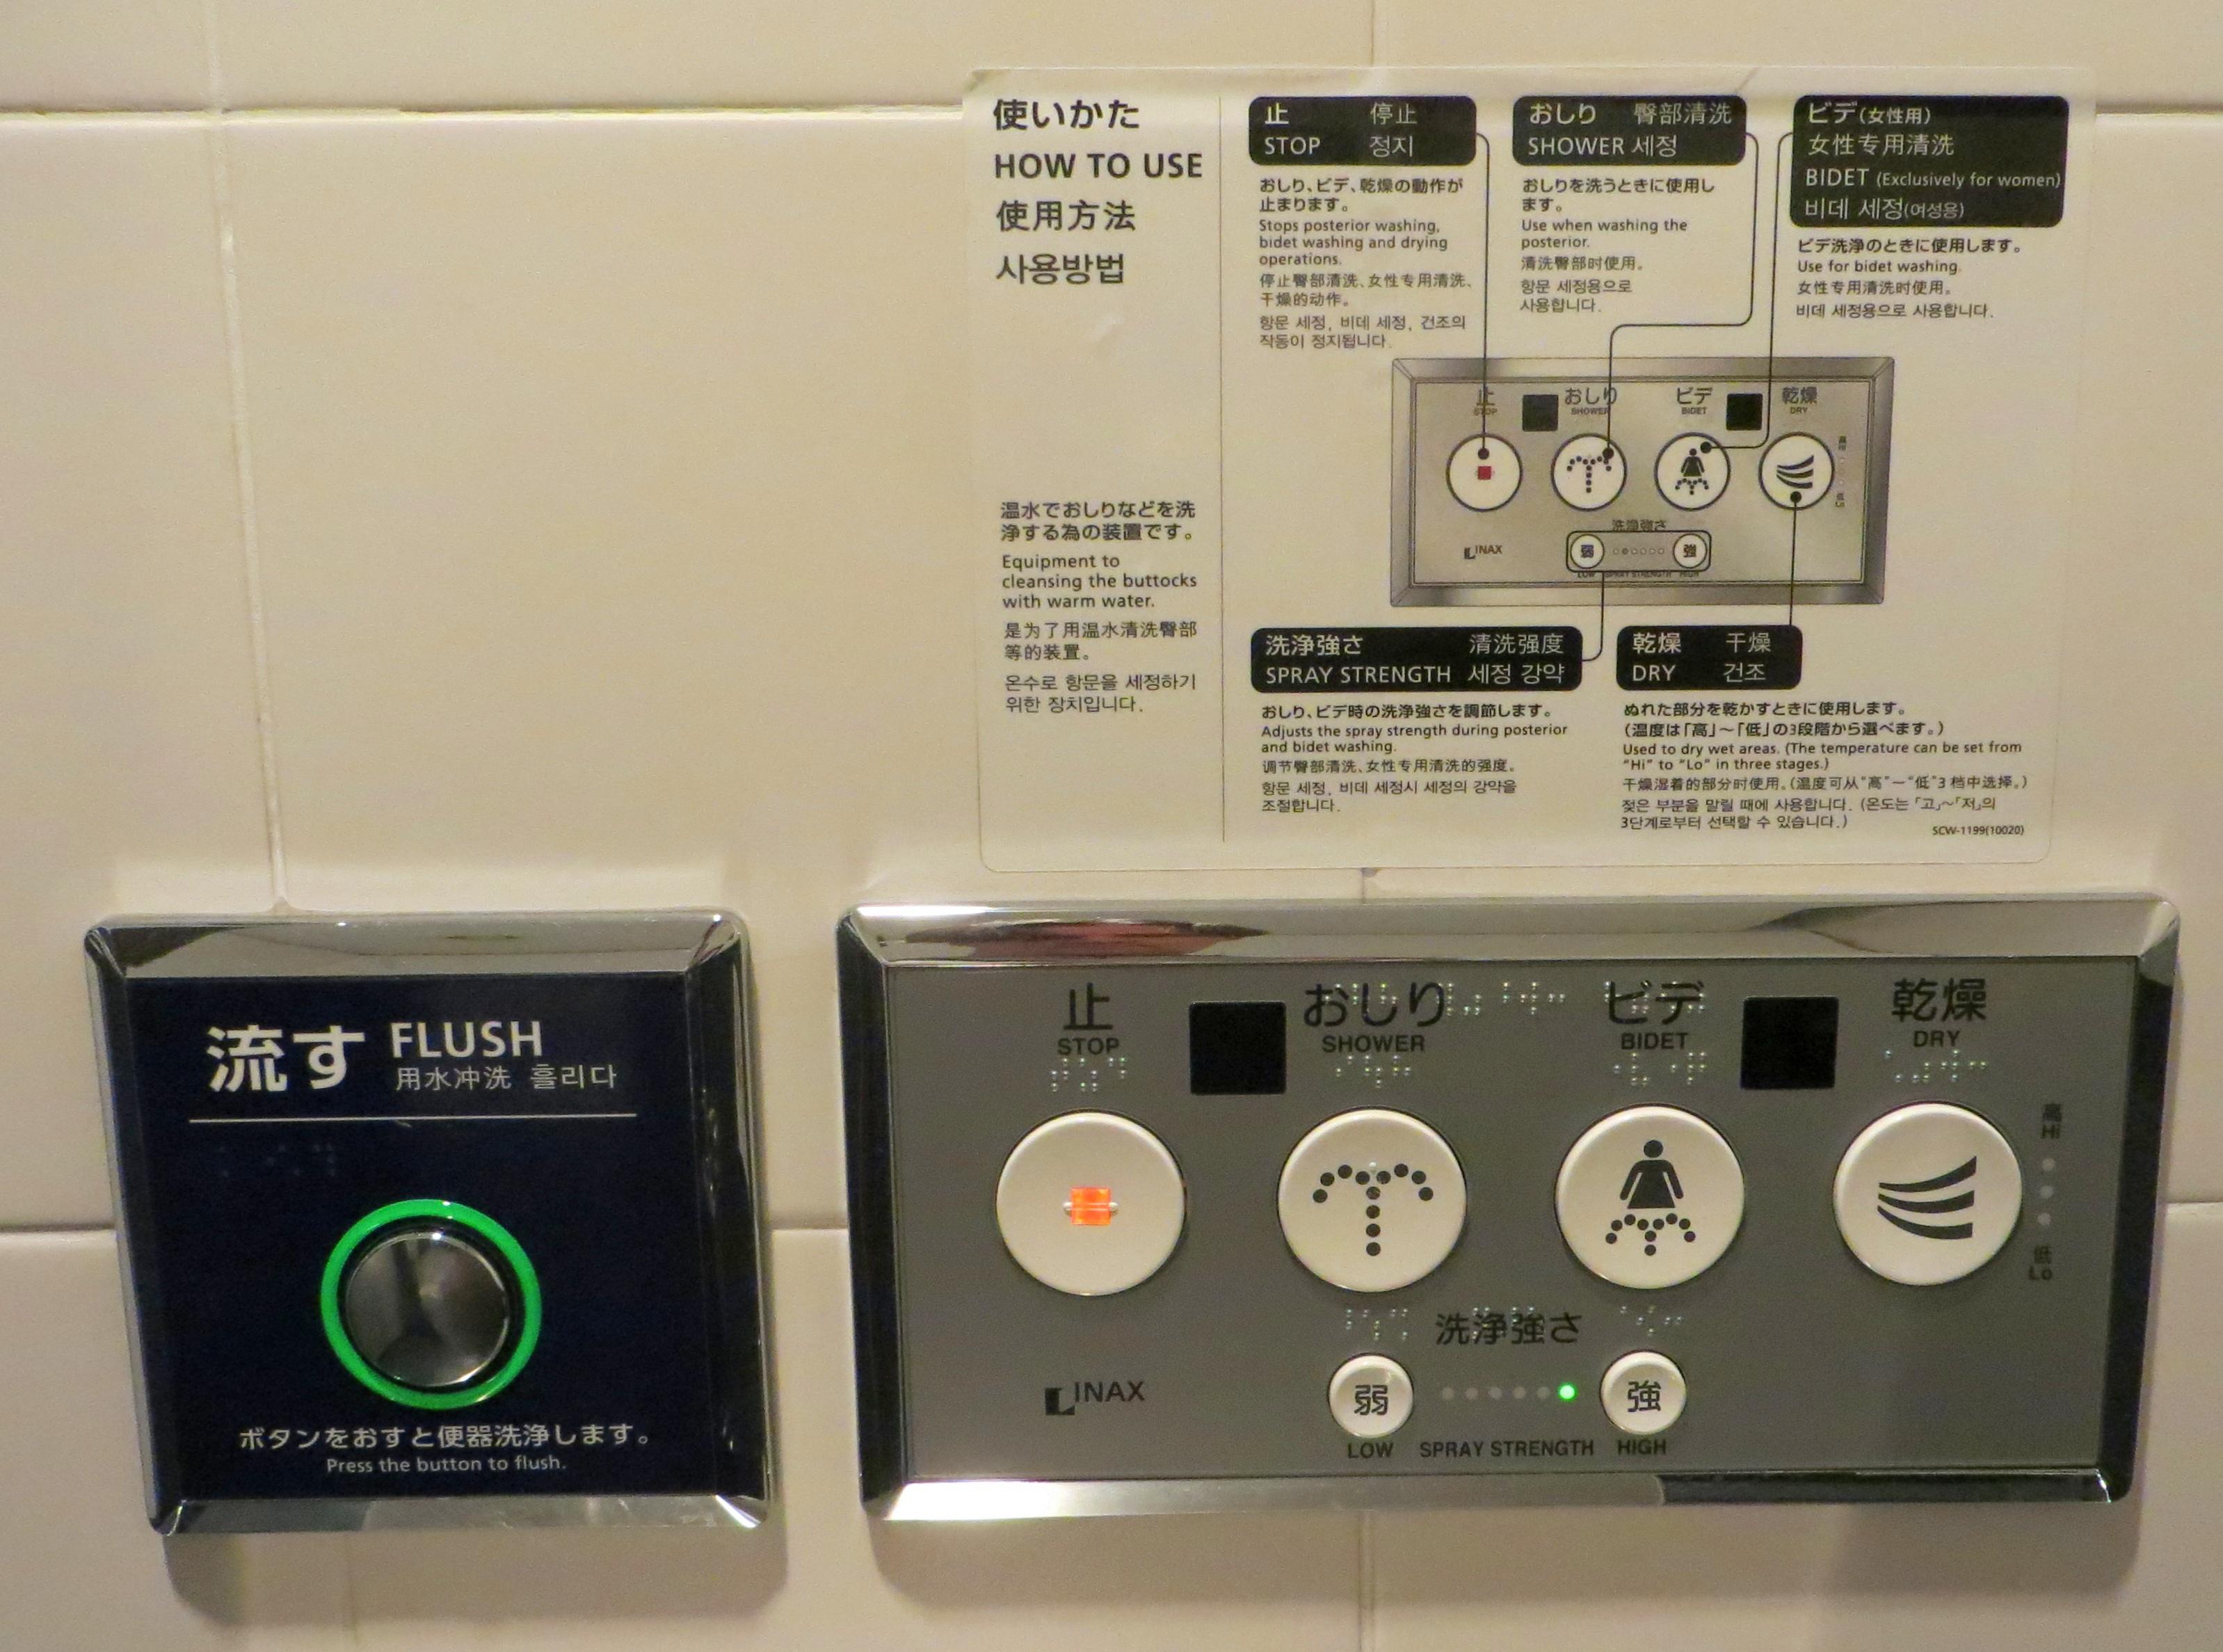 Haneda Public Toilet Washlet Control